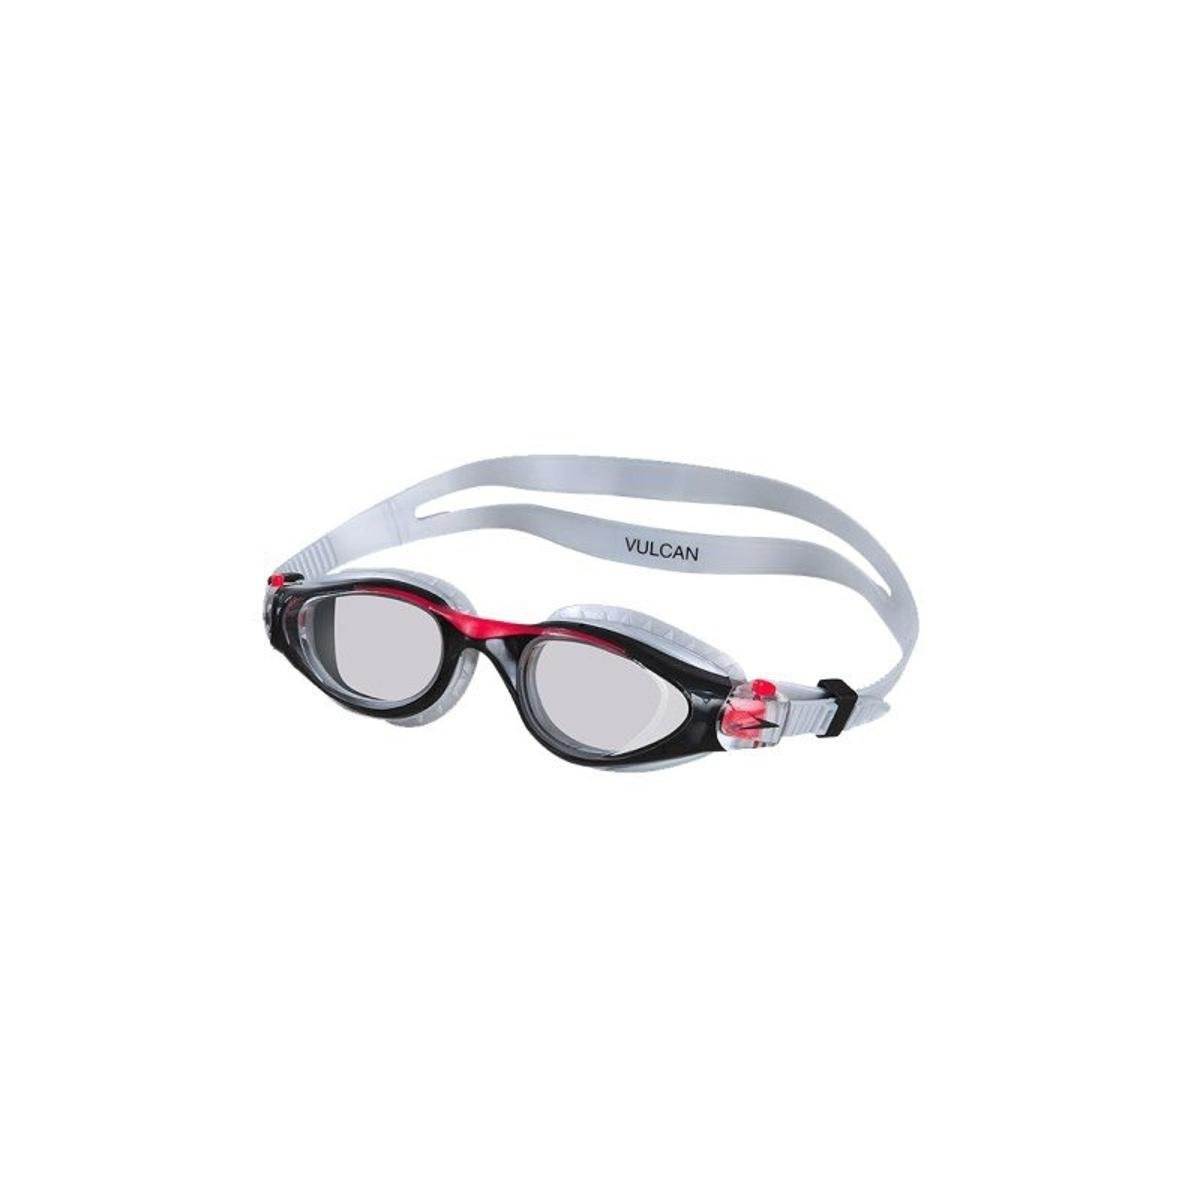 4786088152713 Óculos Vulcan Speedo - Compre Agora